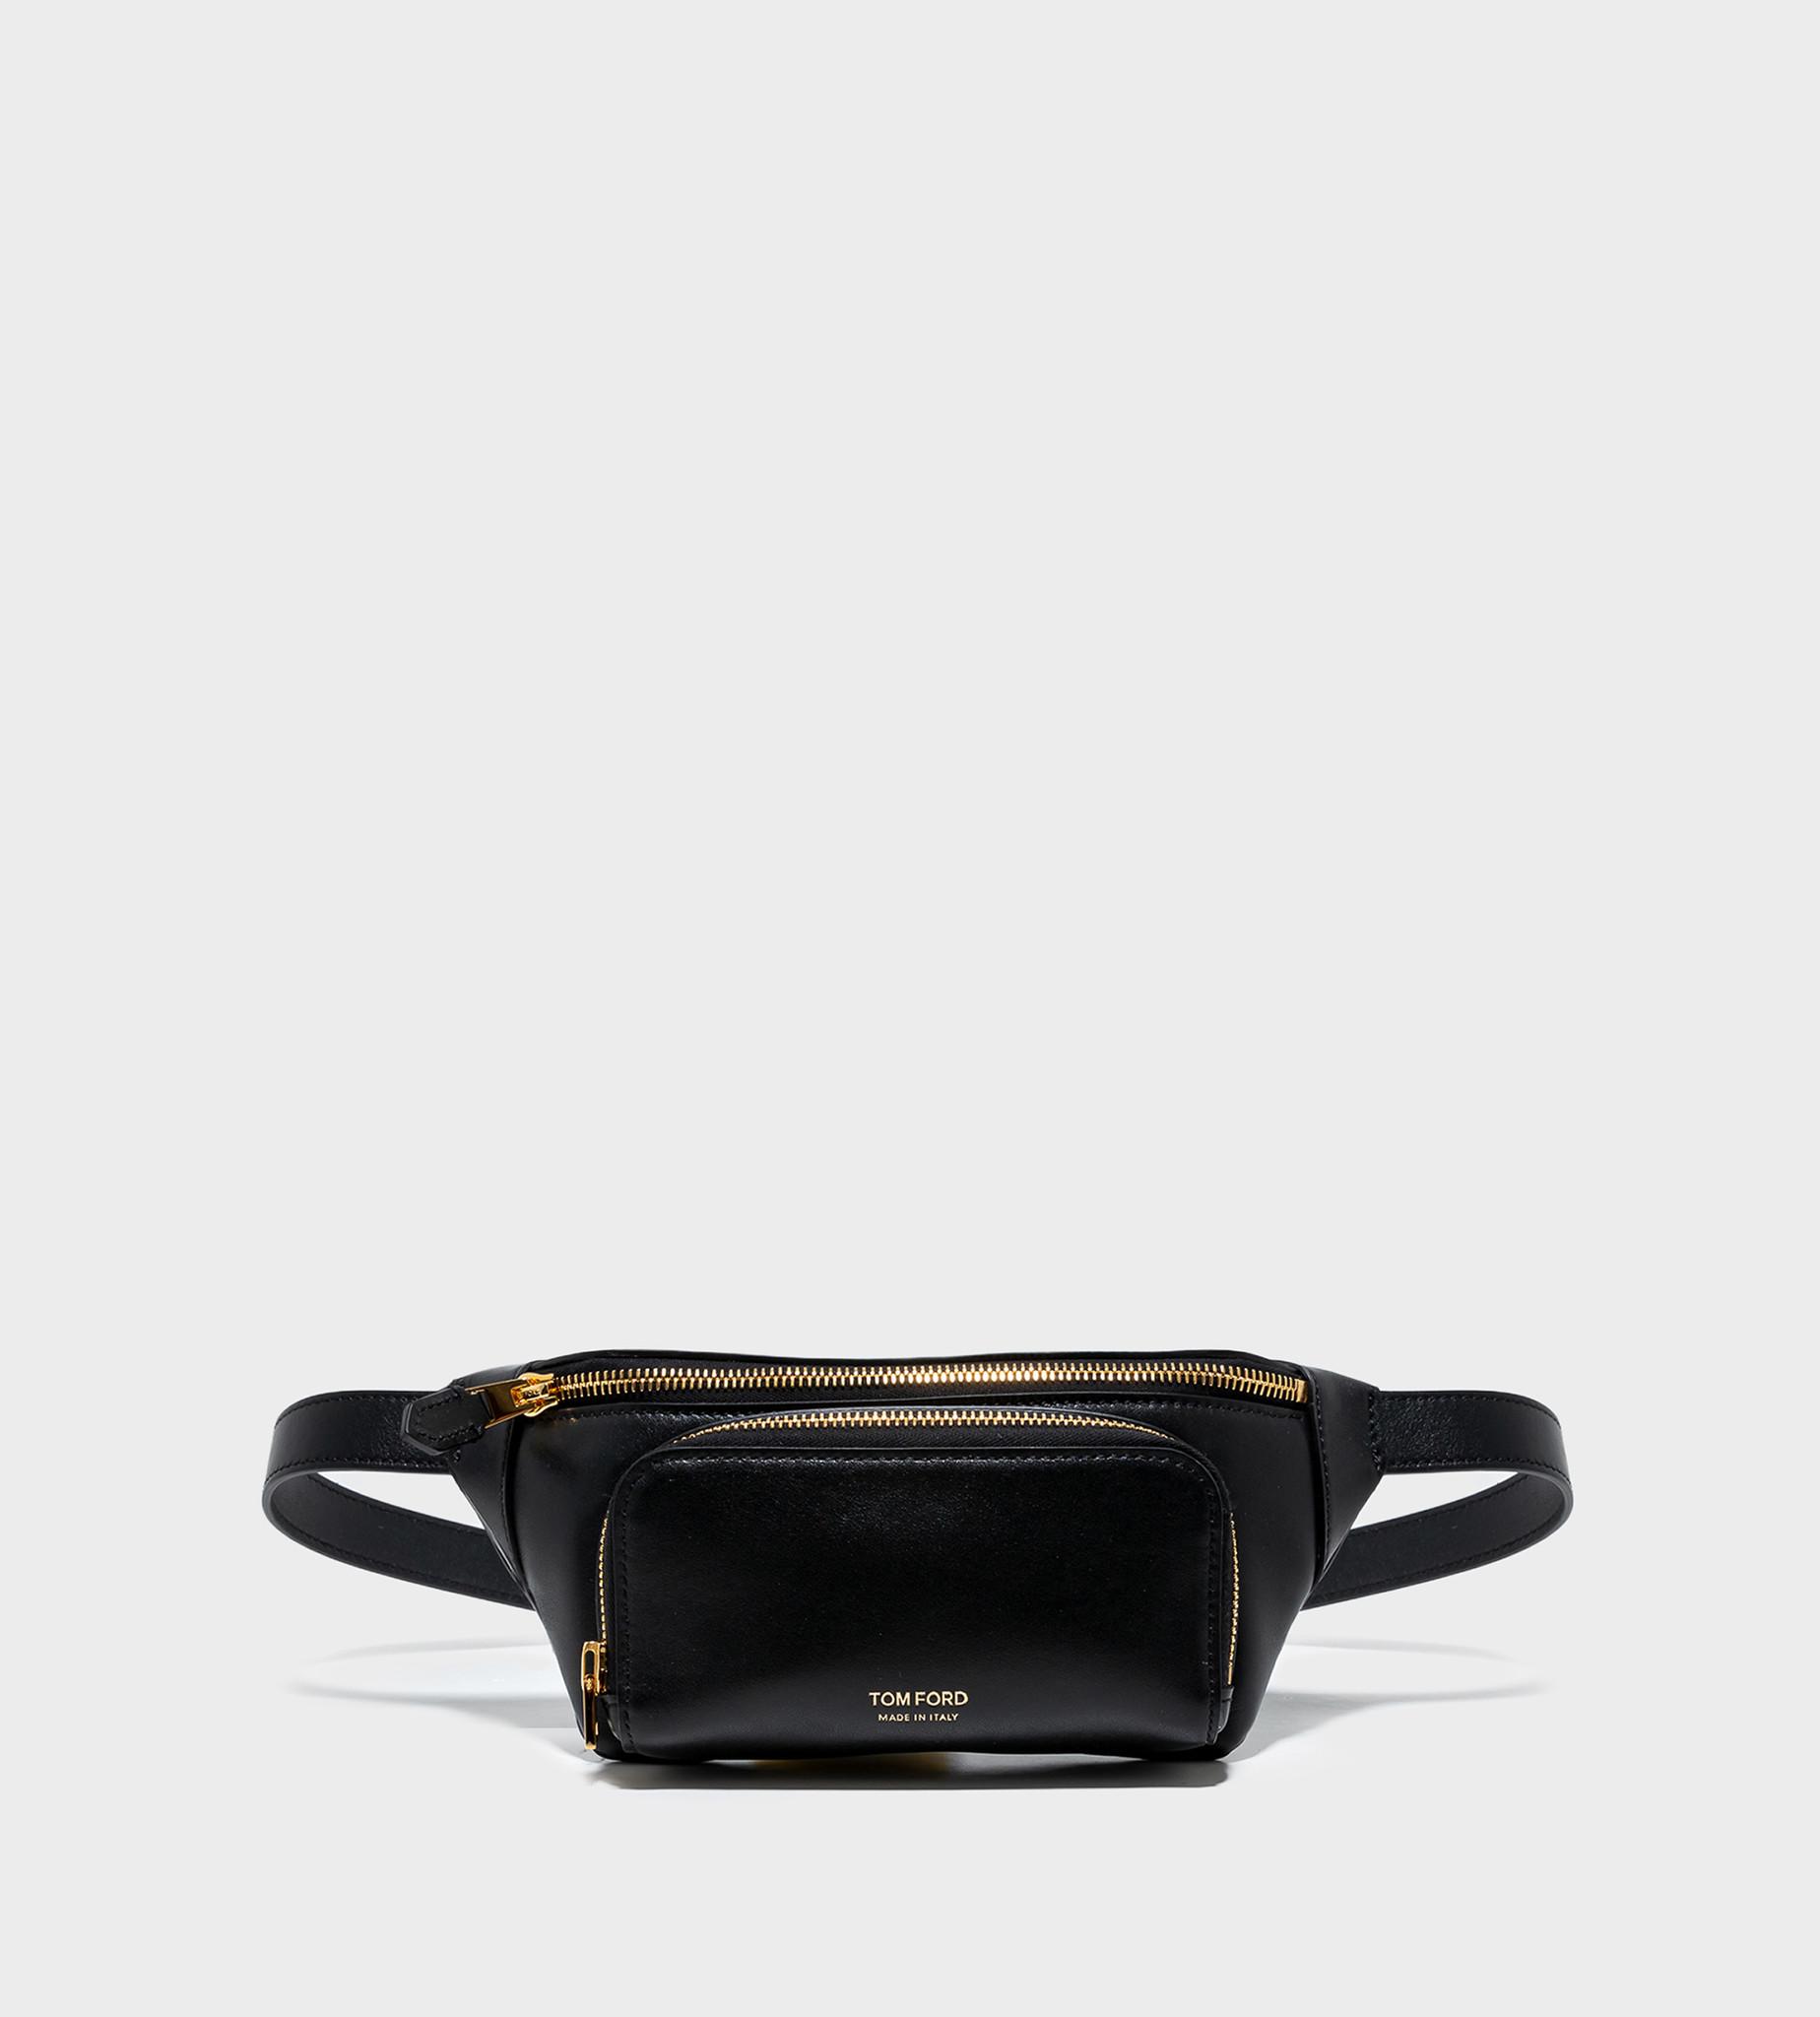 TOM FORD Leather Belt Bag Black